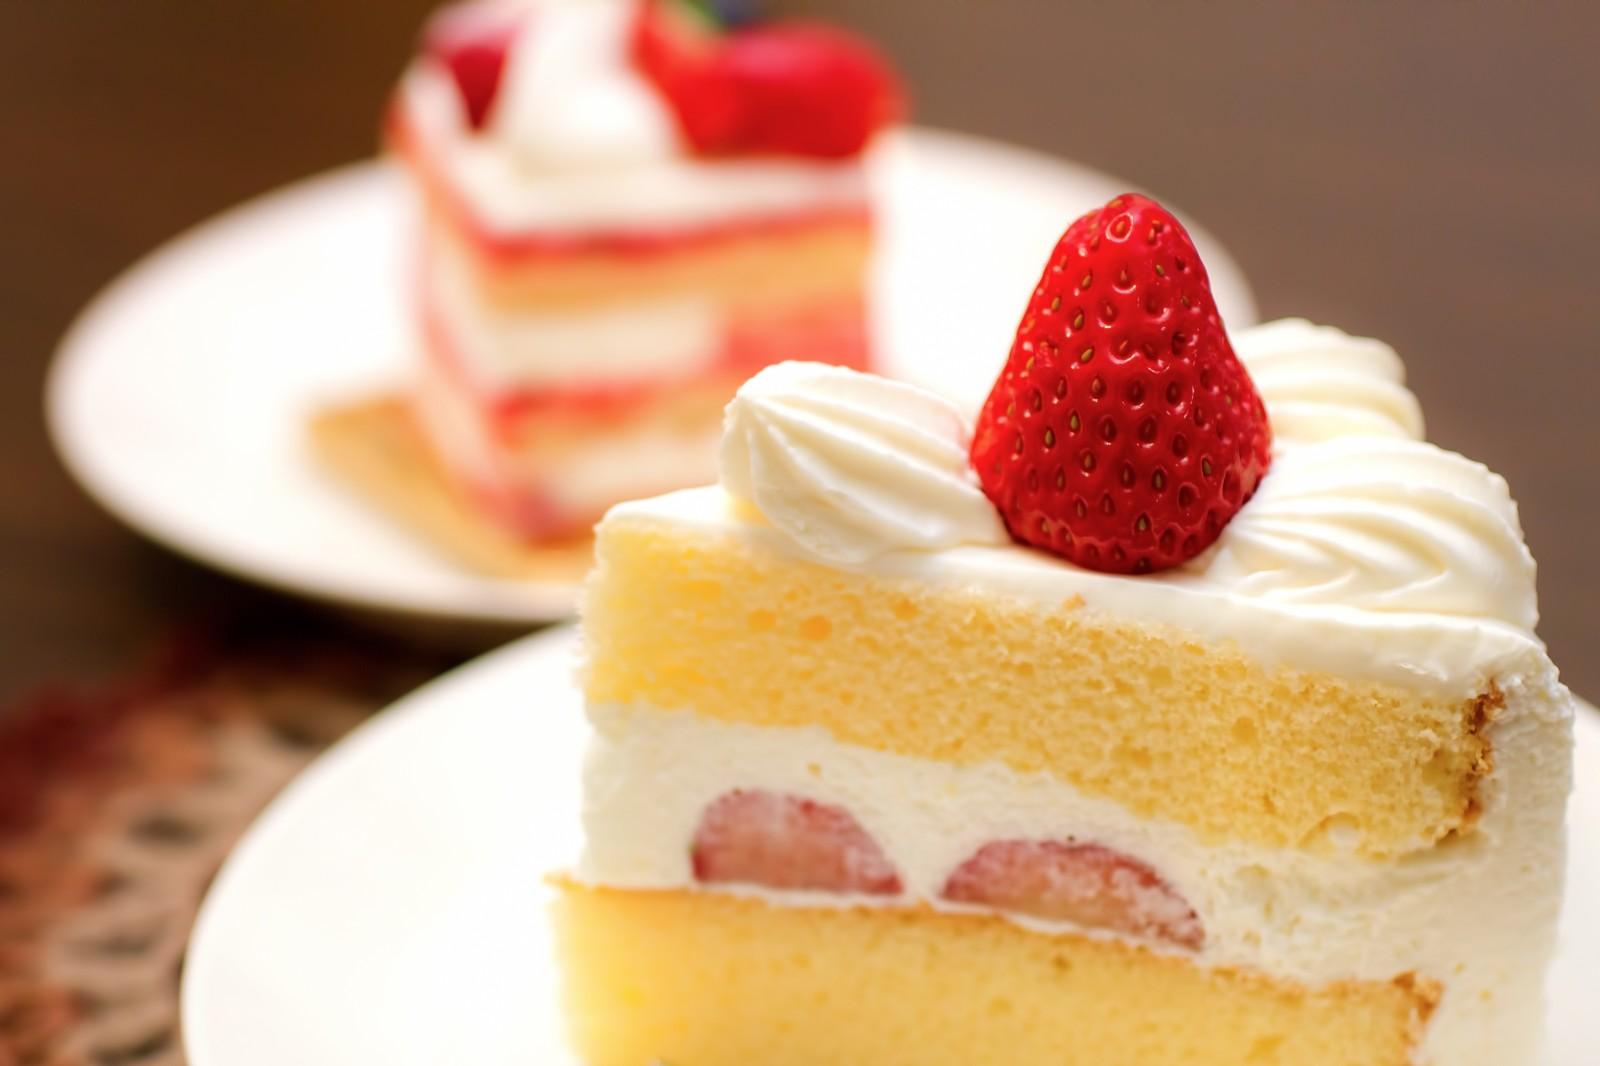 横浜駅でケーキを買うならココがおすすめ!人気店舗をまとめてご紹介!